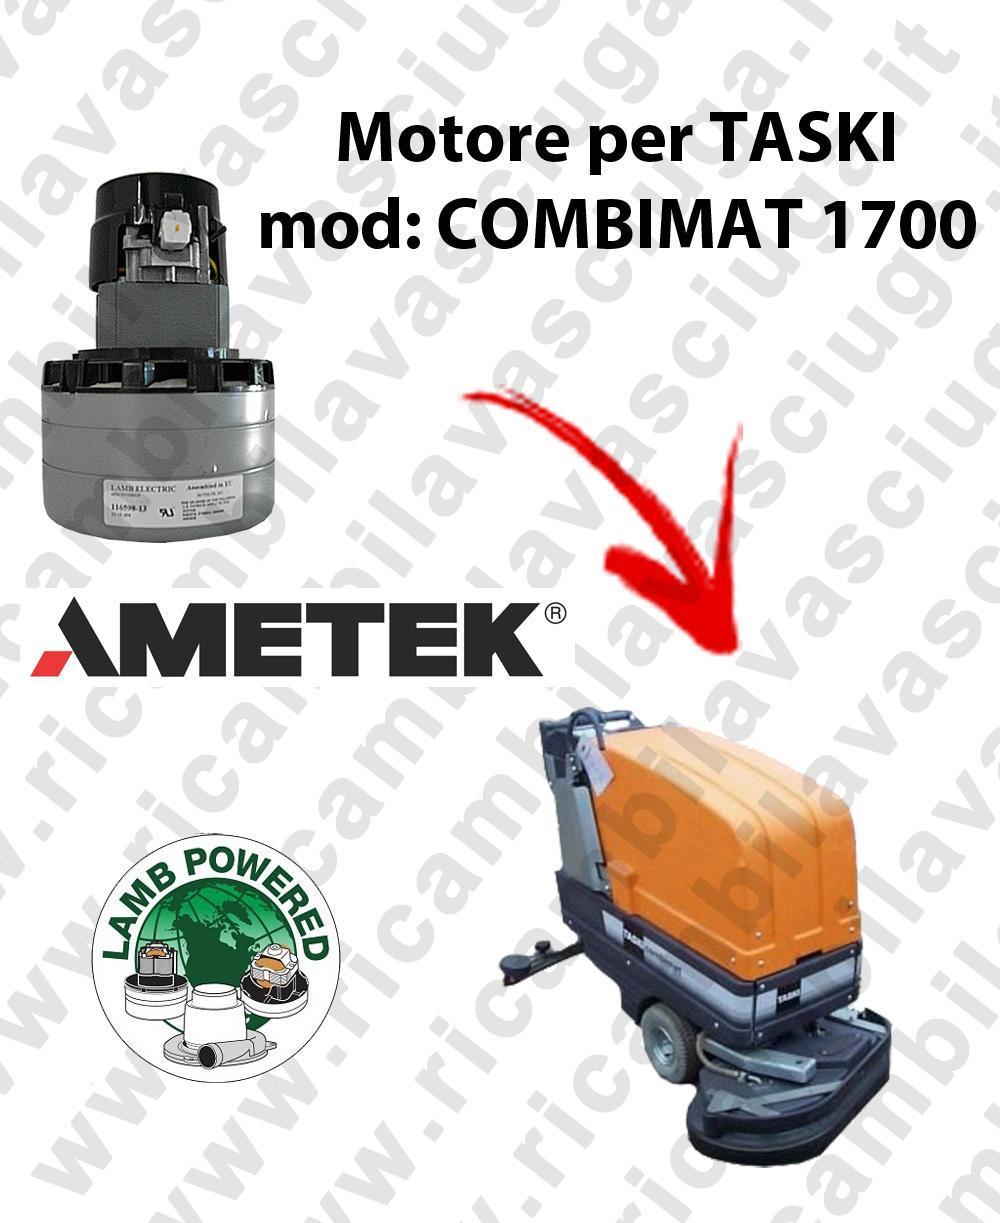 COMBIMAT 1700 MOTEUR ASPIRATION LAMB AMATEK pour autolaveuses TASKI